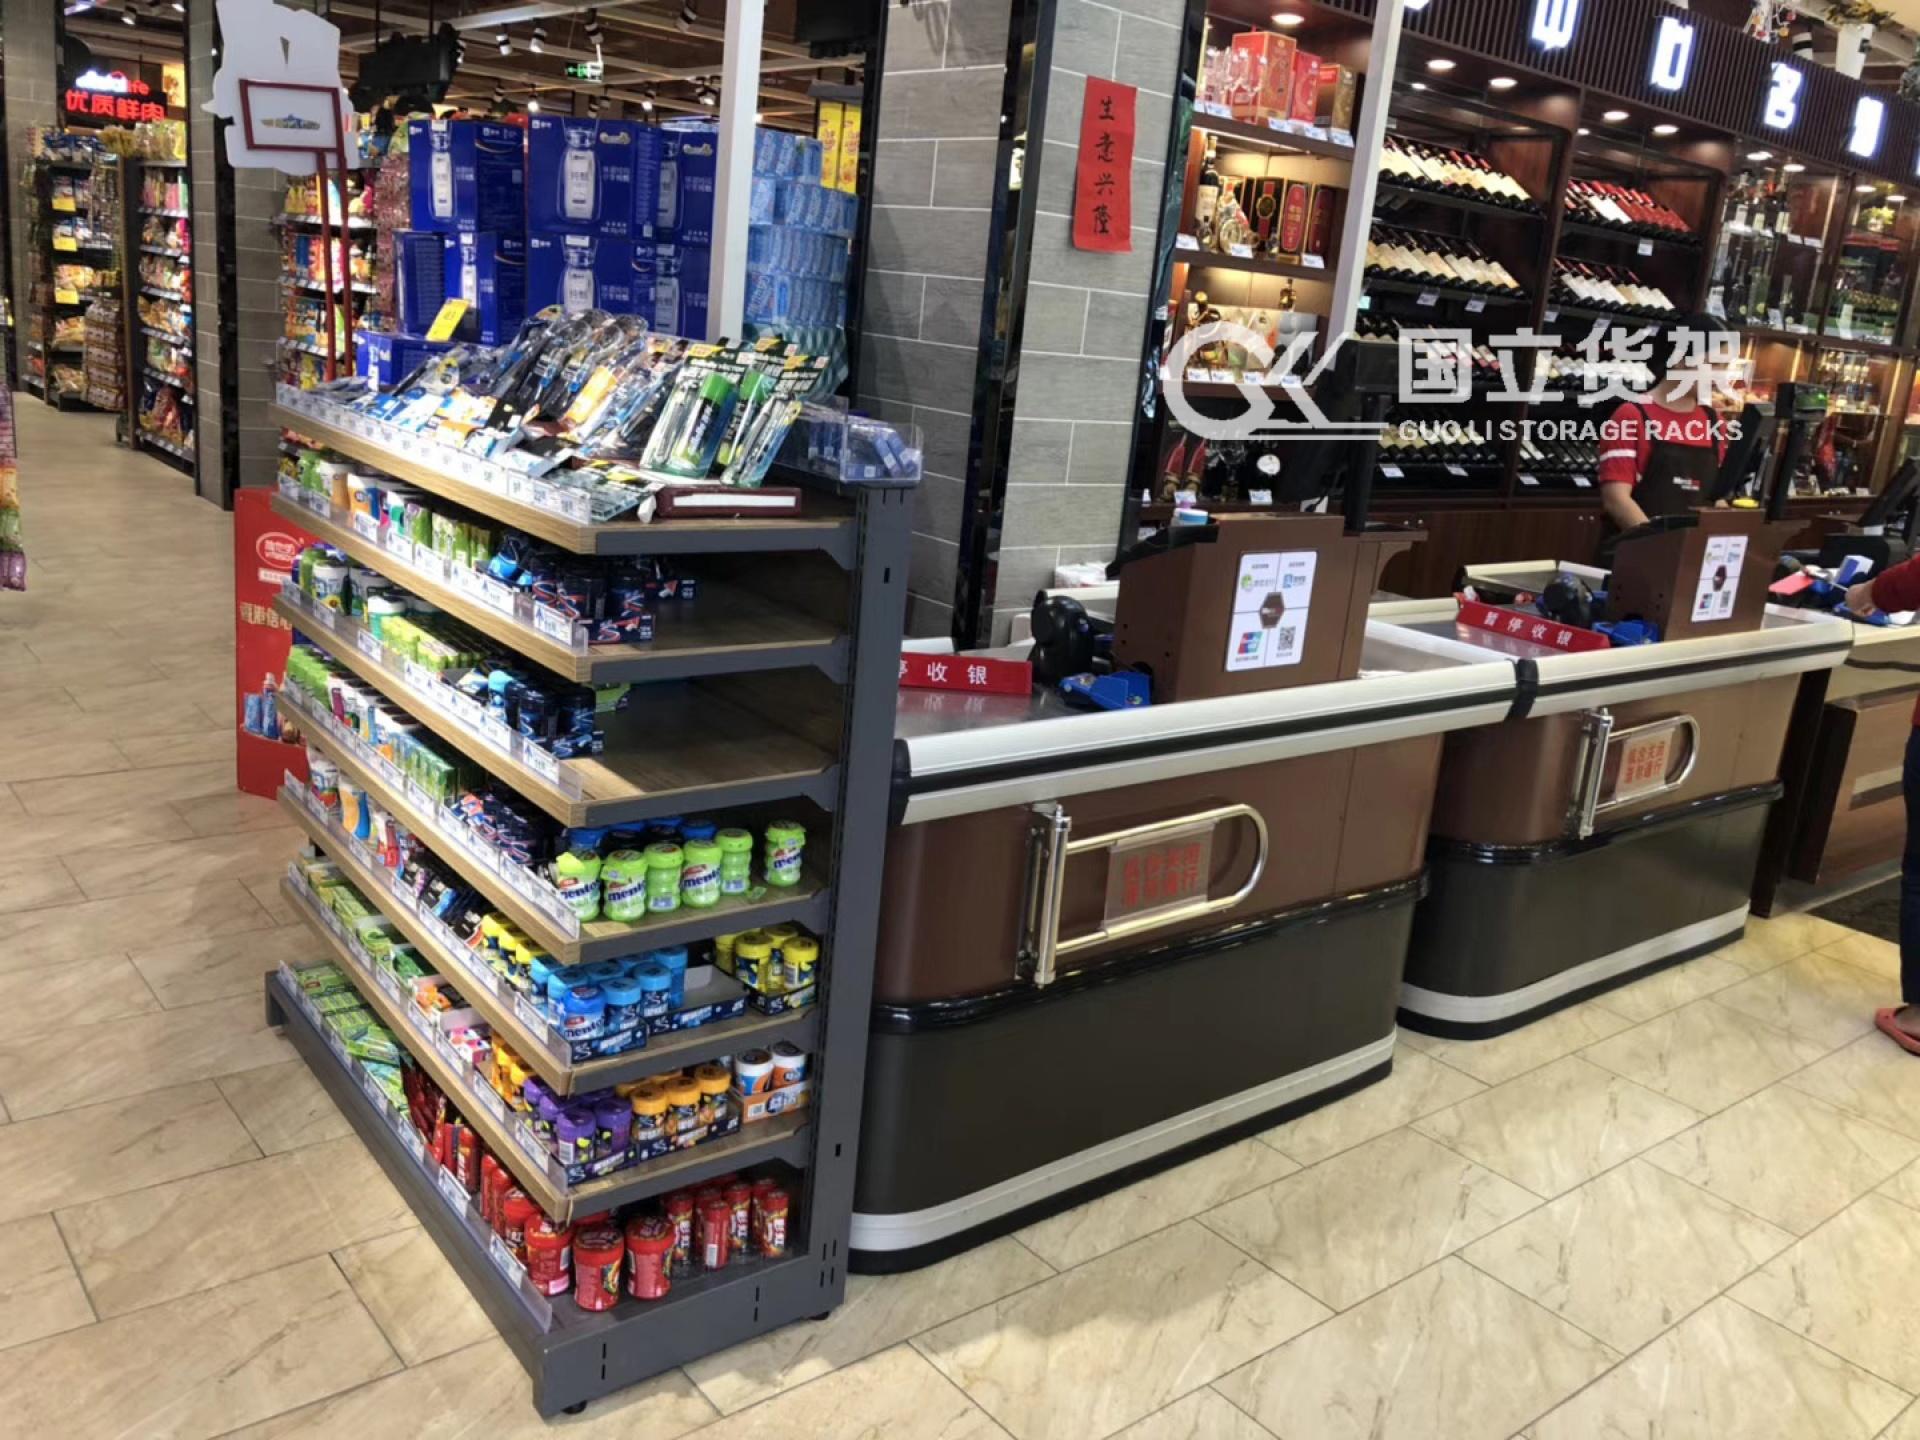 国立货架科普之超市货架陈列中常犯的错误